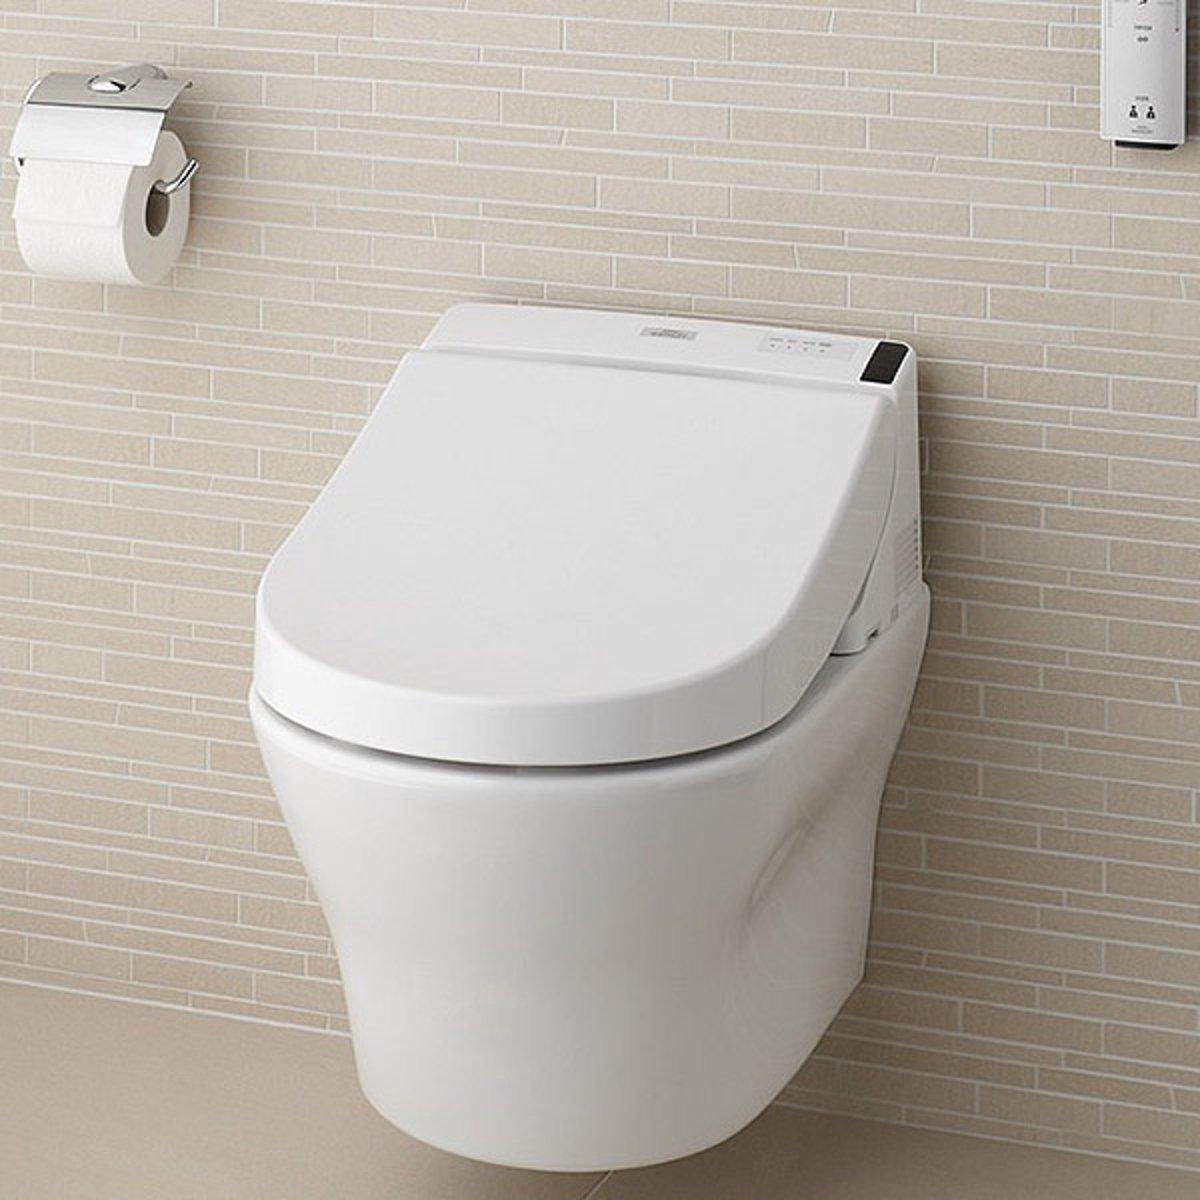 bol.com | TOTO Washlet GL 2.0 Japanse douchewc